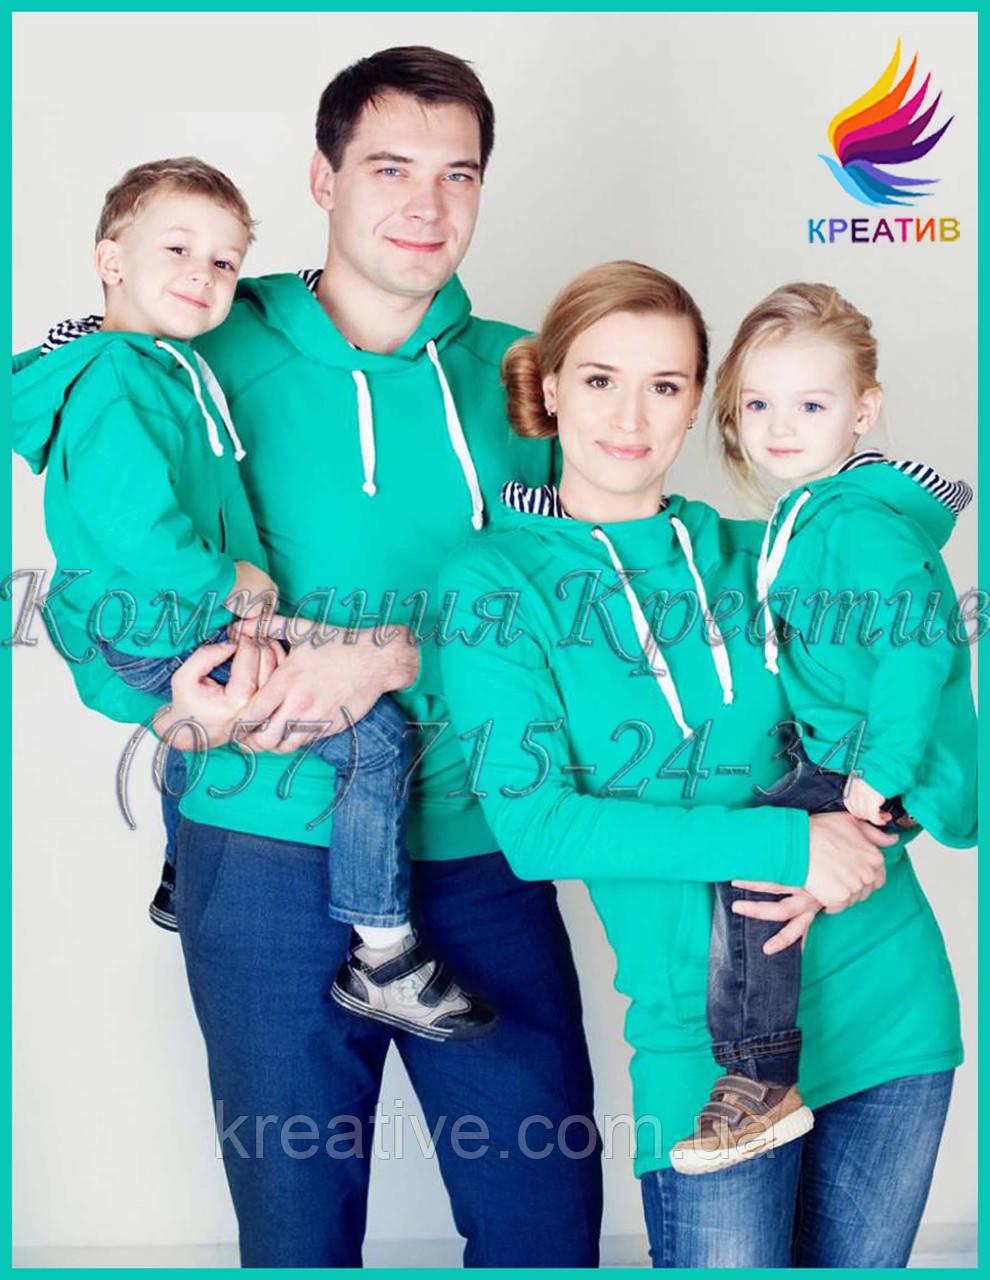 Одинаковая одежда для всей семьи под заказ (от 50 шт)